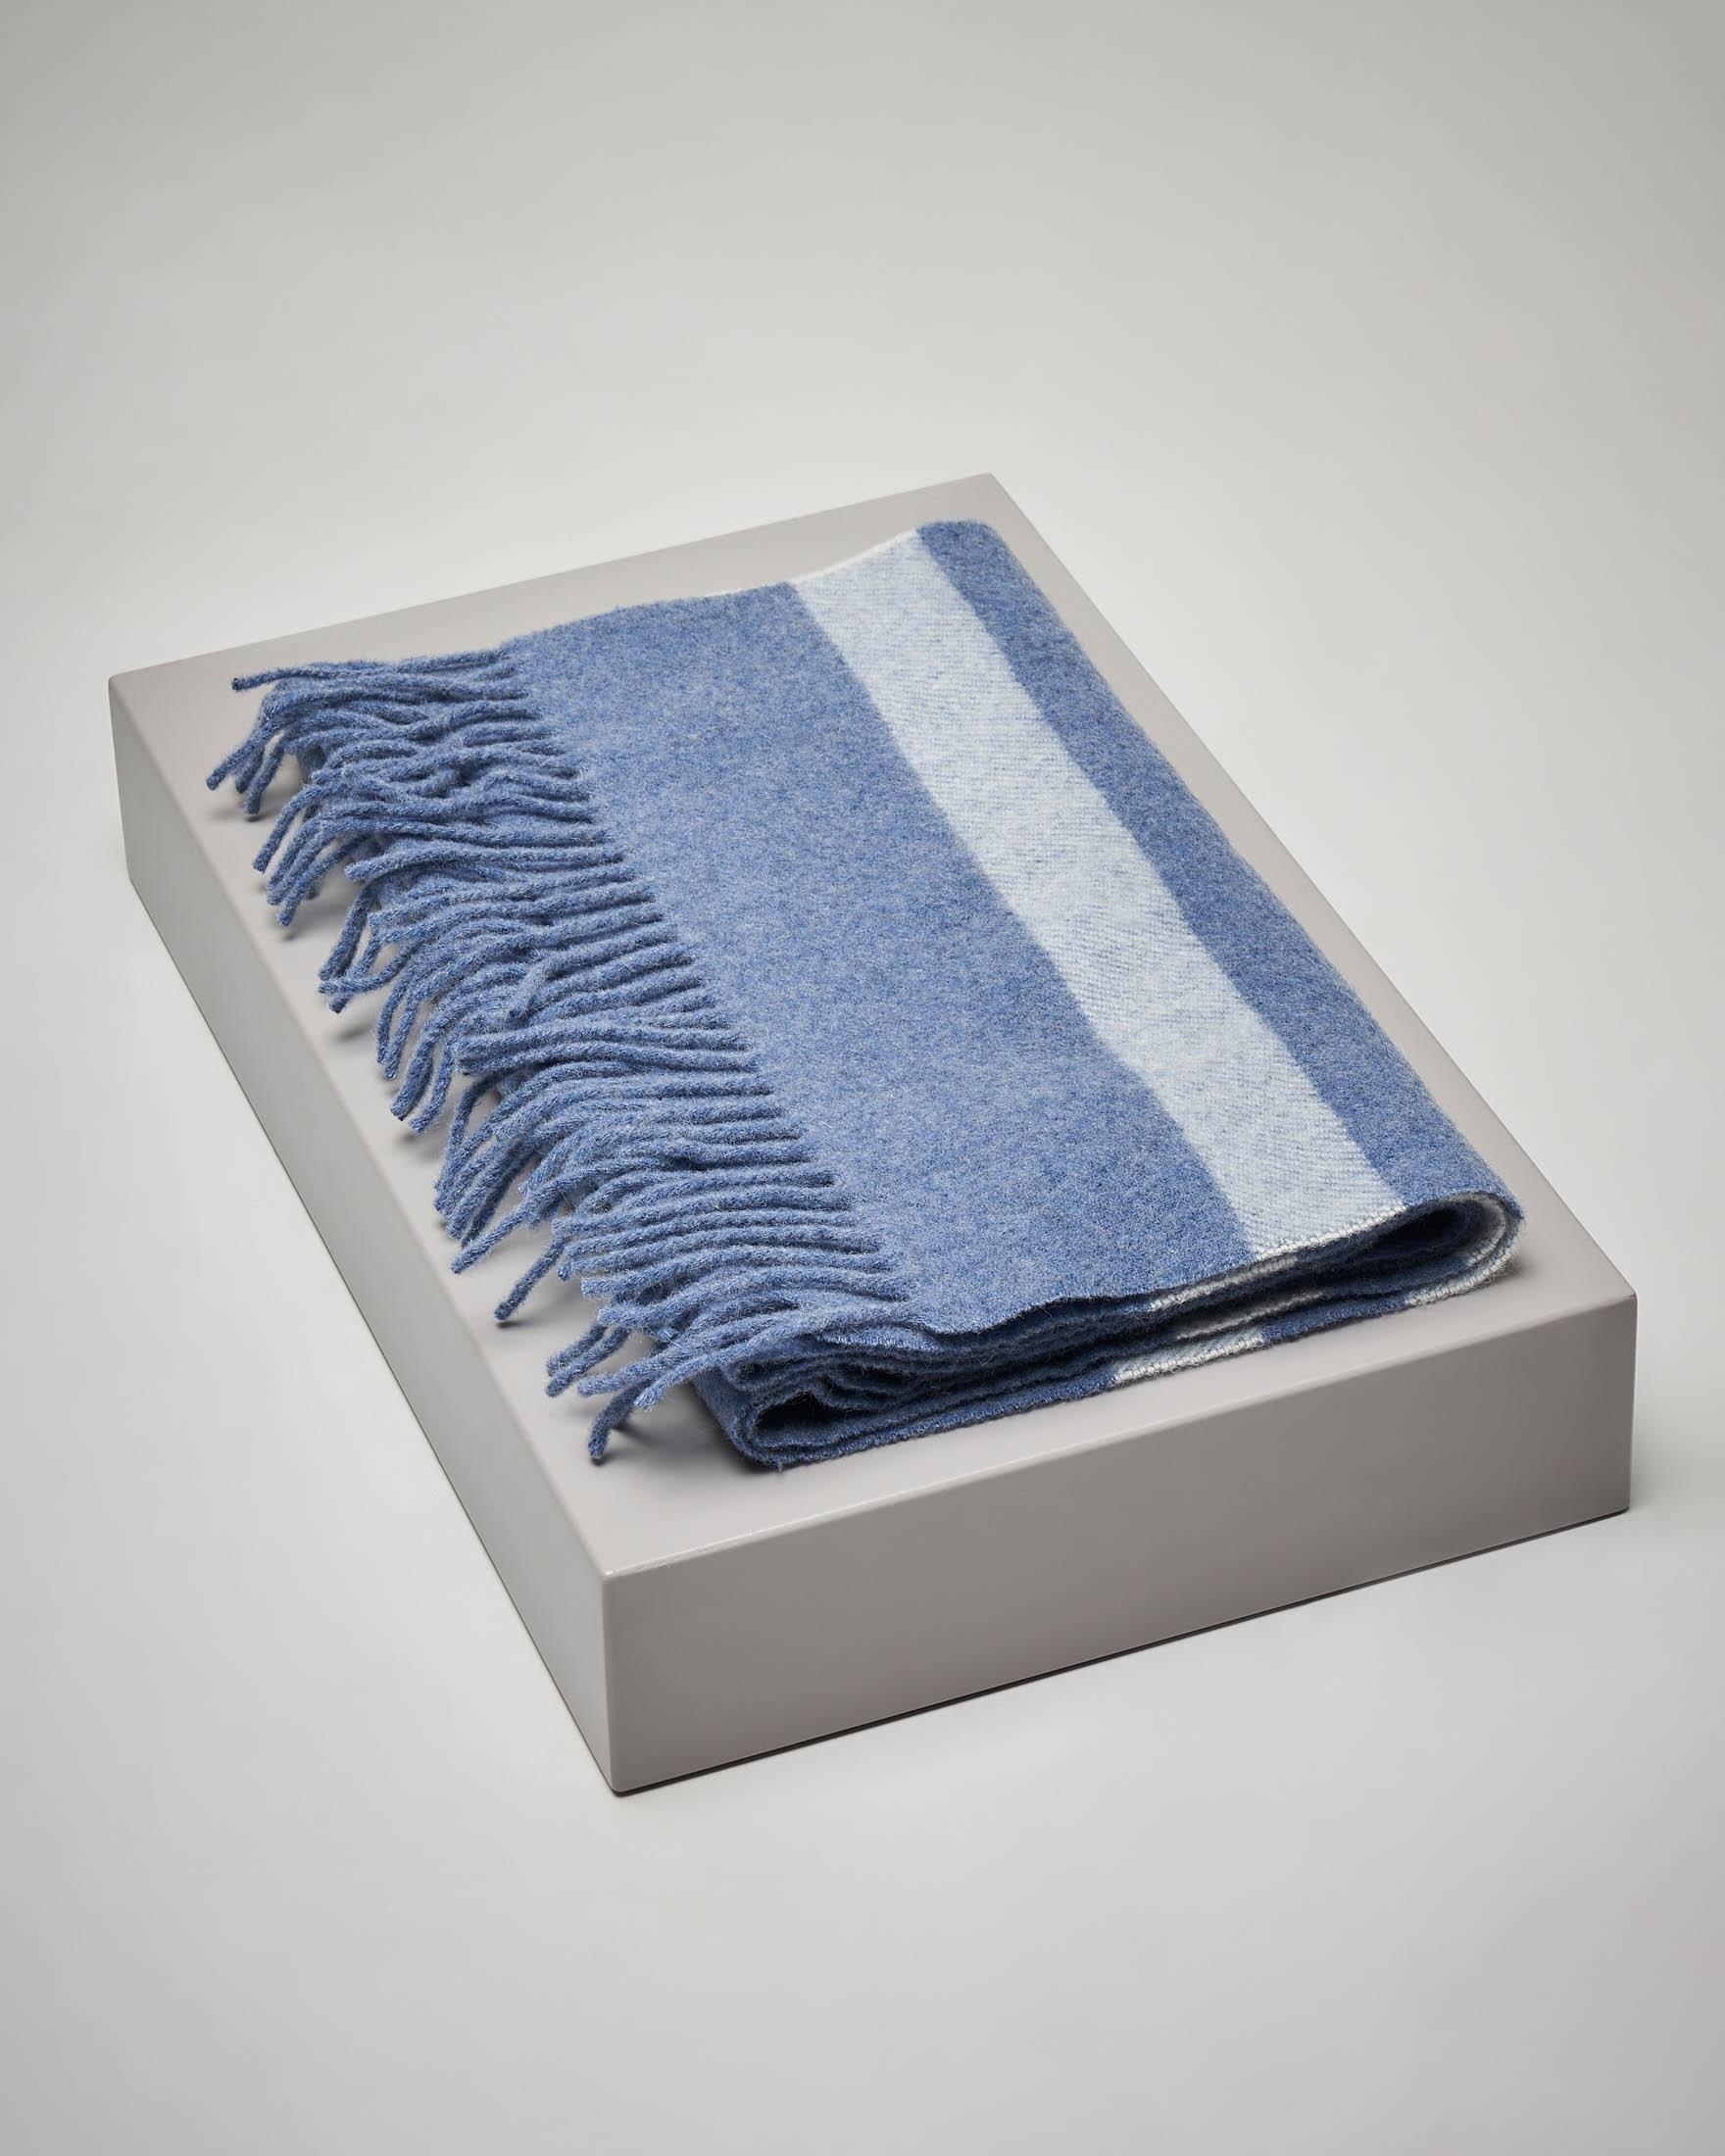 Sciarpa azzurra in lana a righe avio con frange